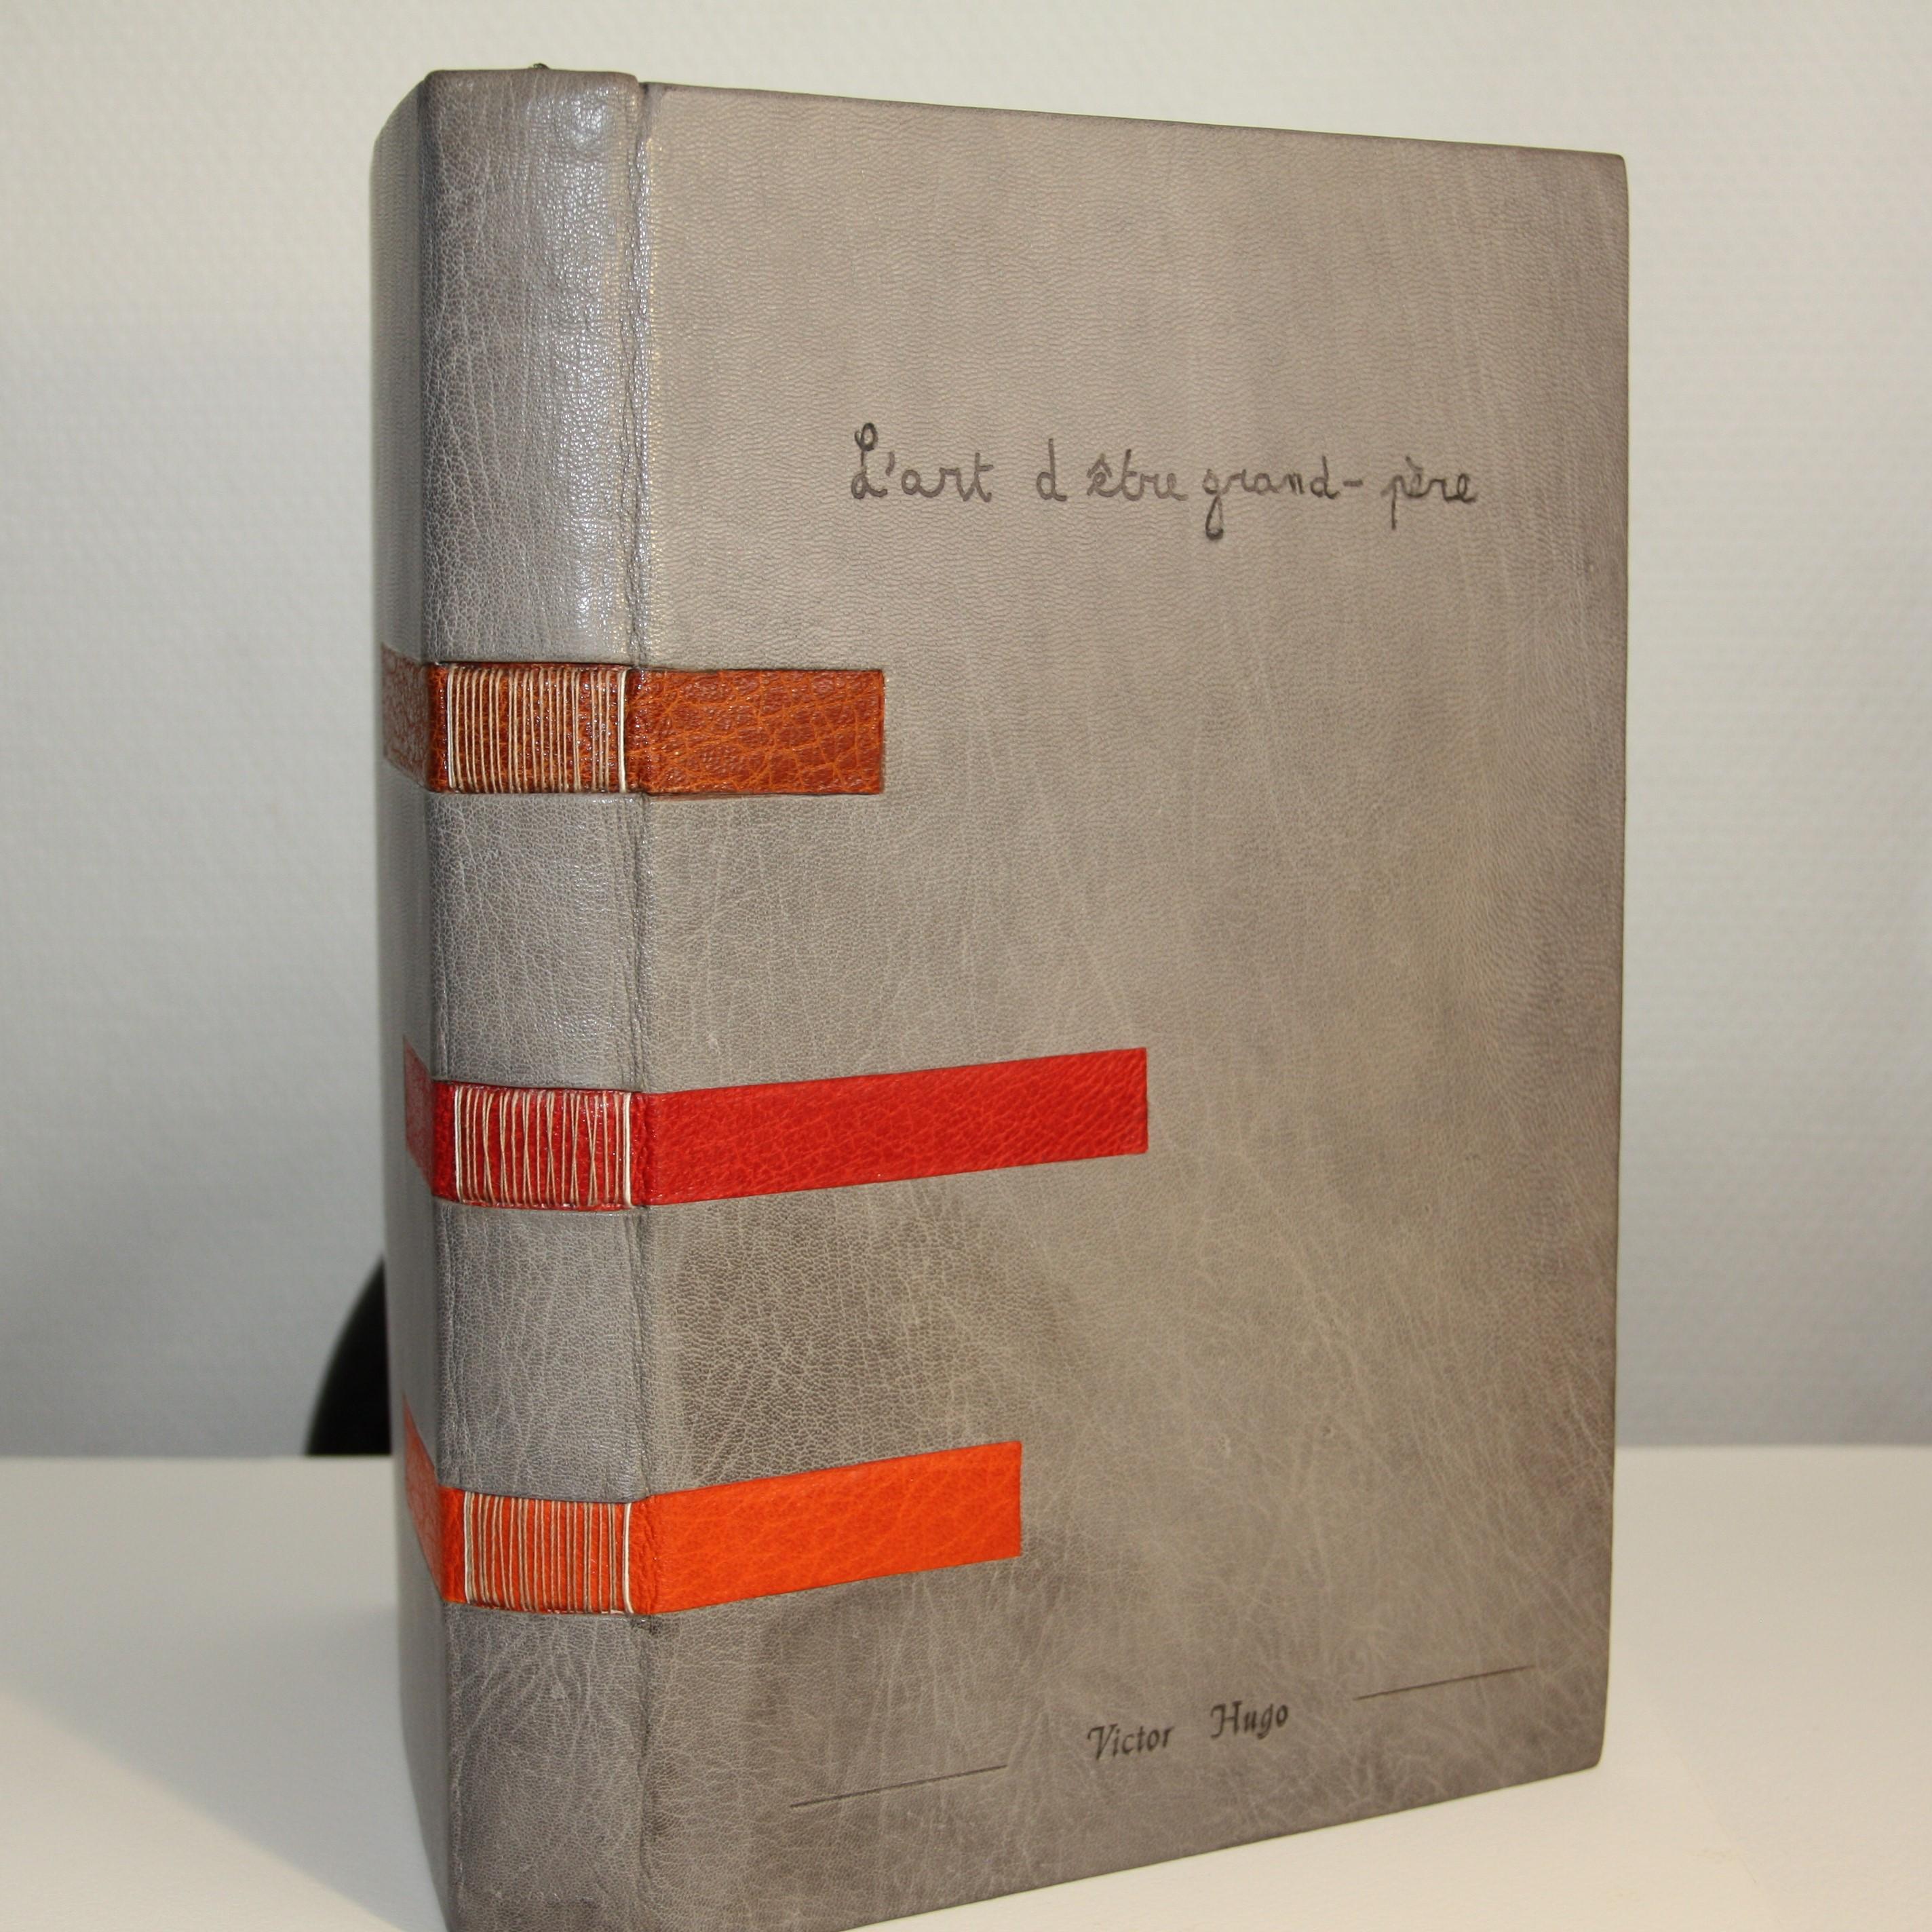 Victor Hugo - Art d'être Grand Père - Couverture